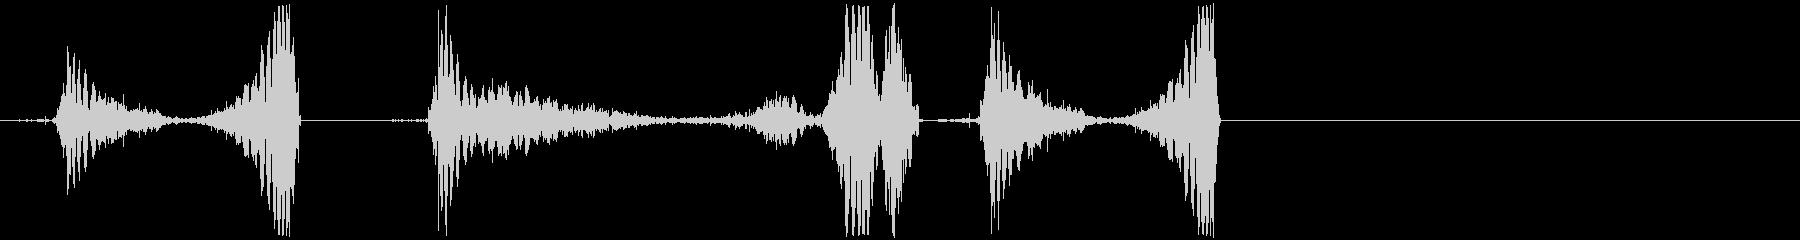 DJスクラッチ/ジュクジュク/A-02の未再生の波形